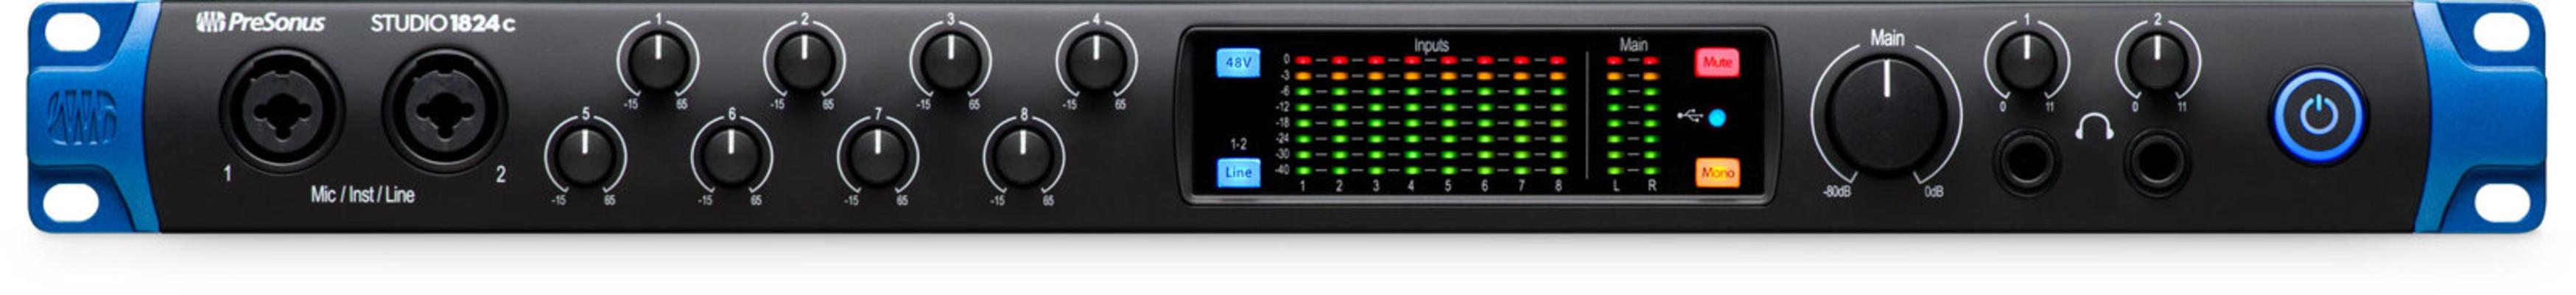 Presonus Studio 1824c – Interface audio USB, 18In/24Out, USB-C